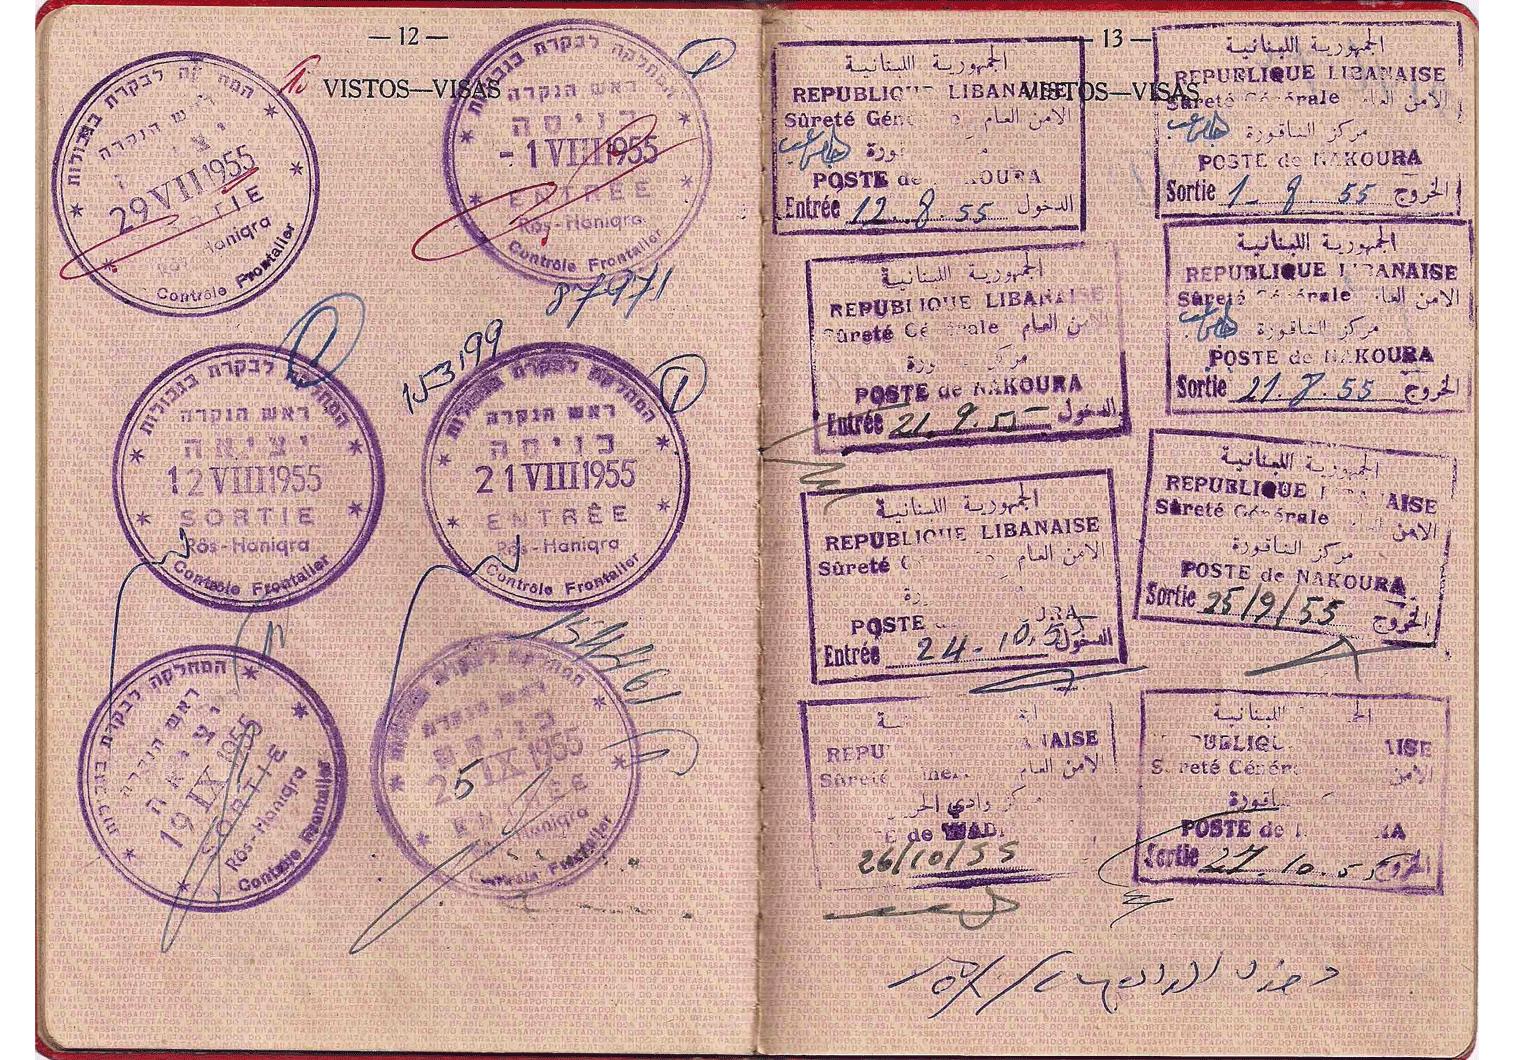 old Israeli passport